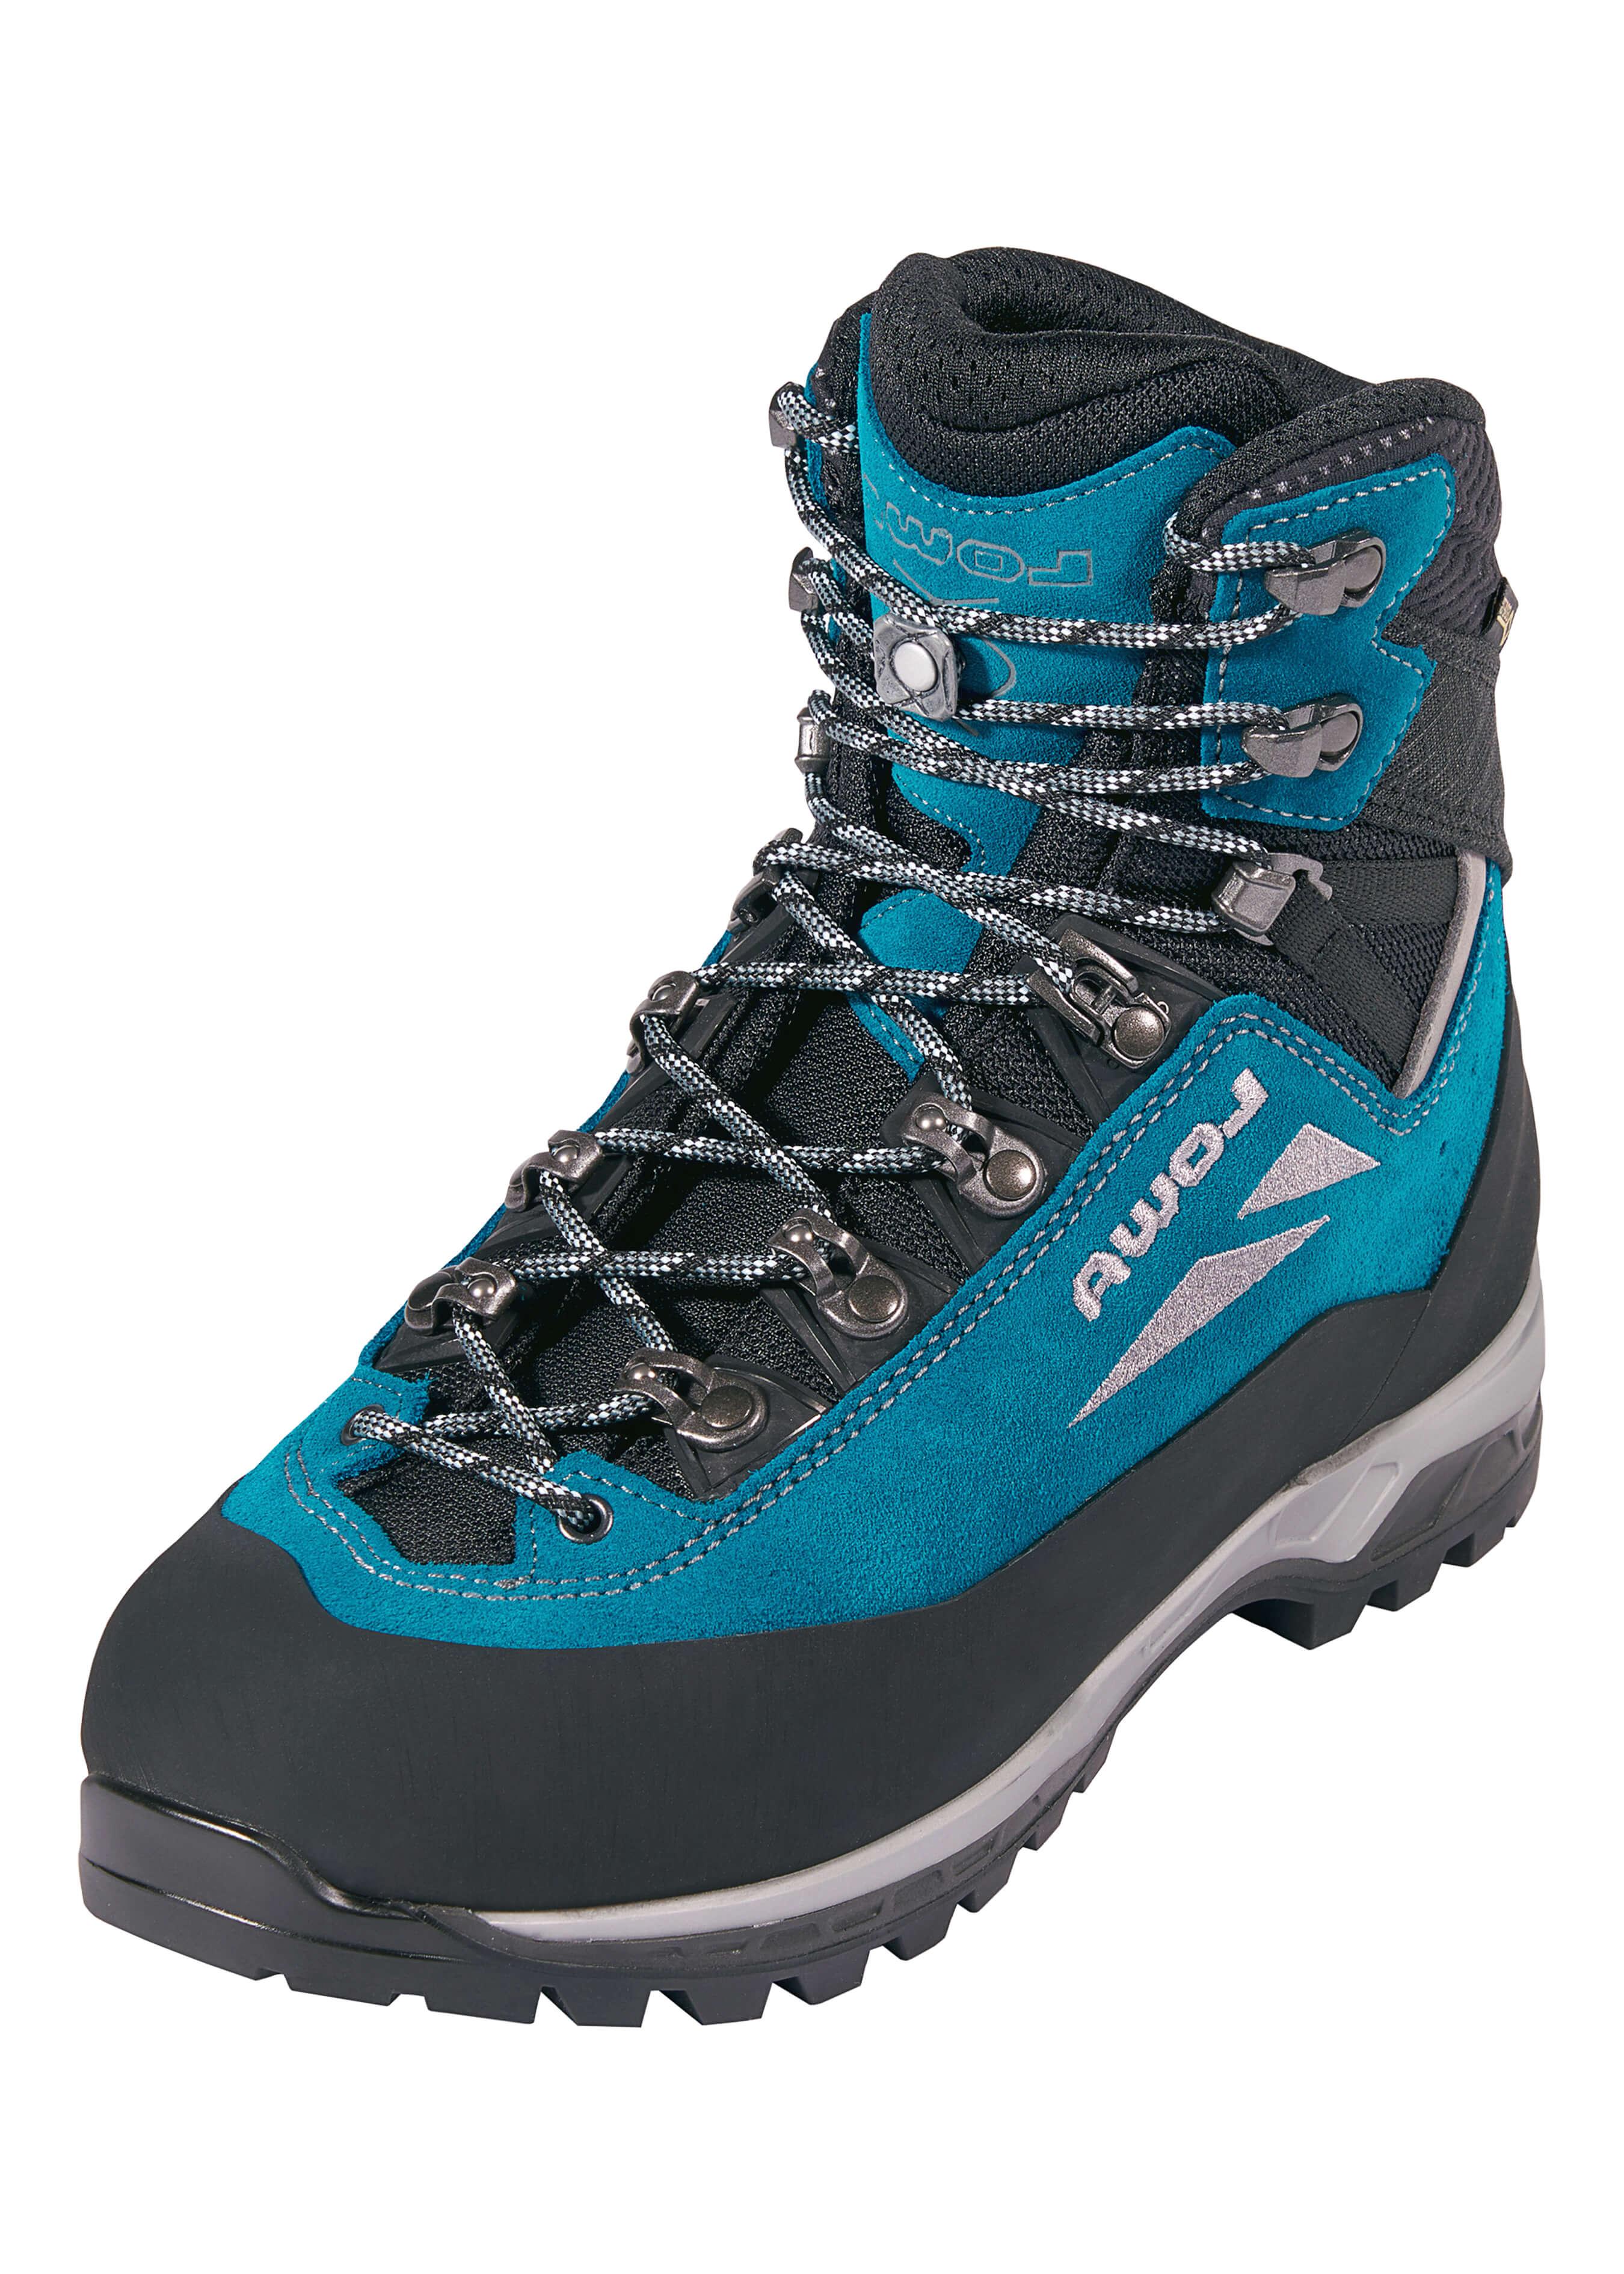 Chaussure alpine de randonnée dames Cevedale Evo 4213474 1